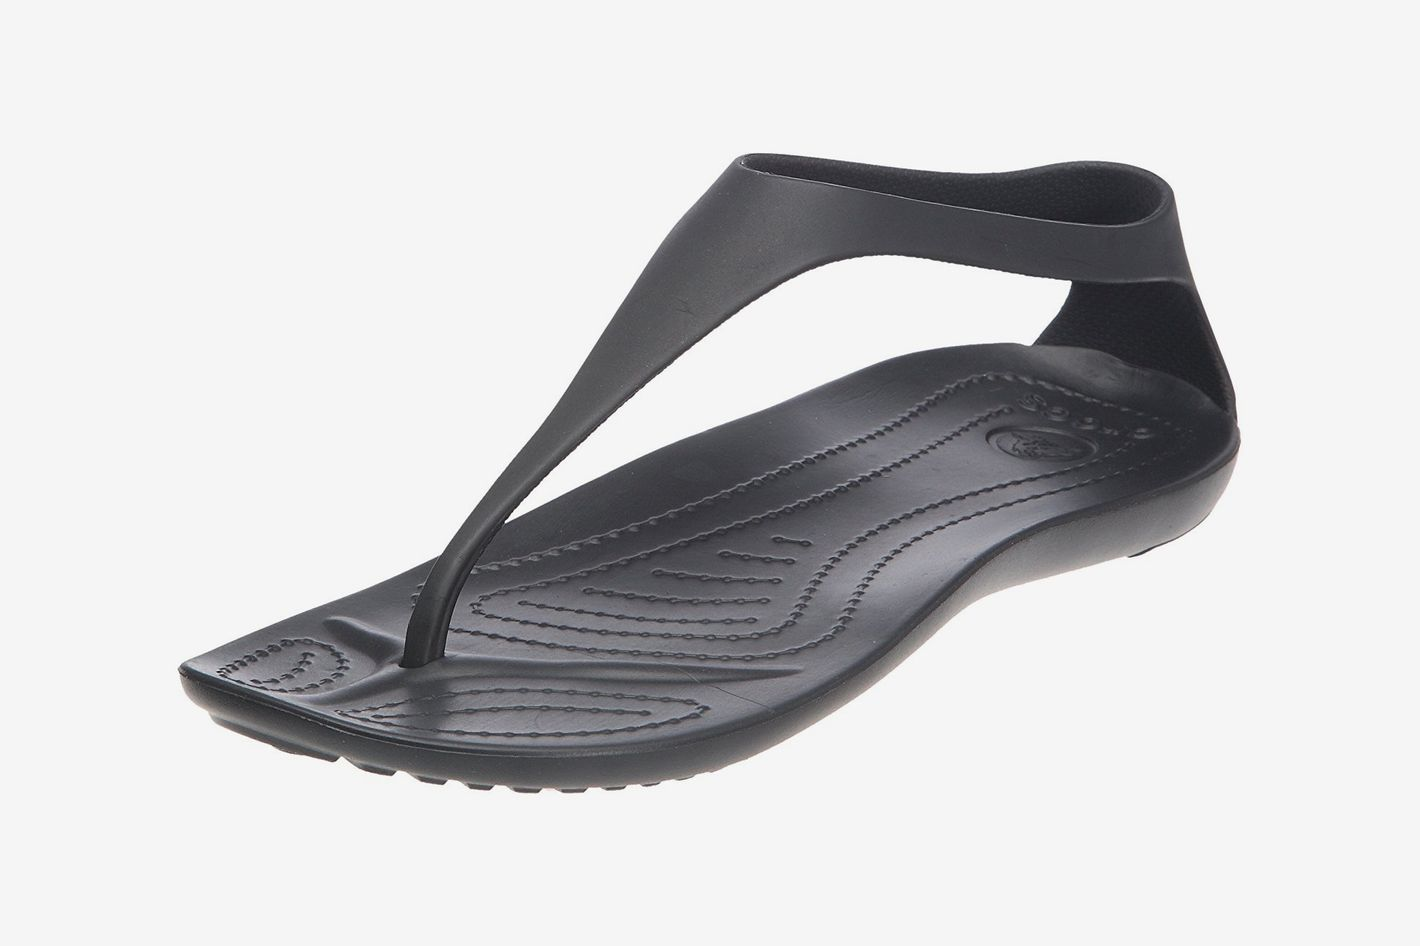 e1dcd32e89d7 10 Best Women s Sandals 2019 — Flip-flops